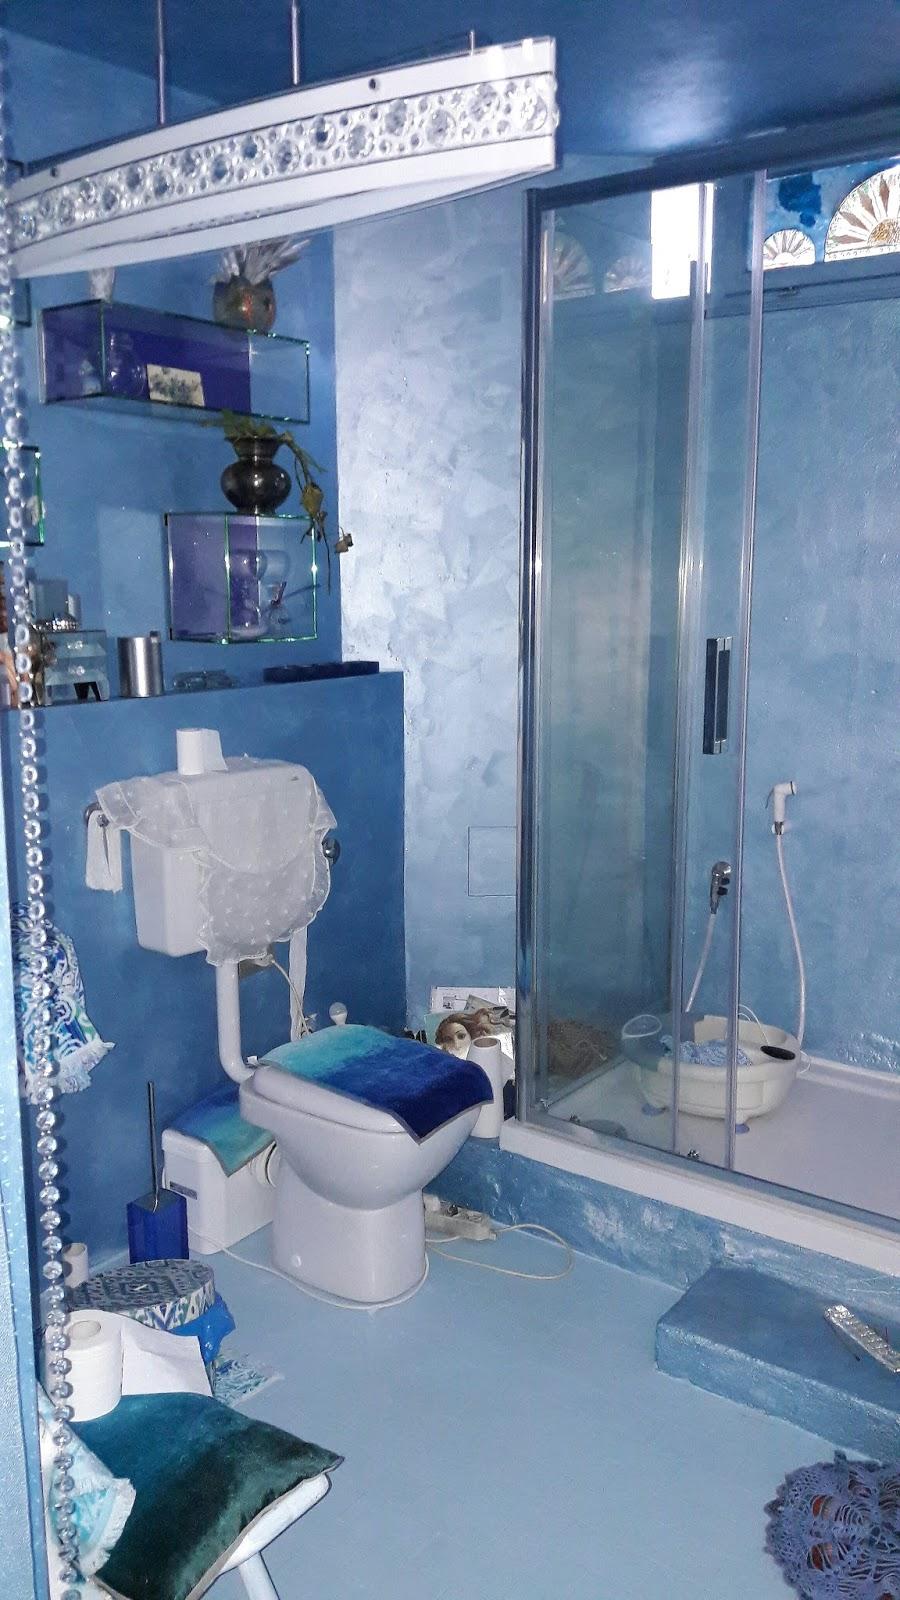 Rinnovare il bagno con la pittura shabby co - Rinnovare il bagno senza rompere ...